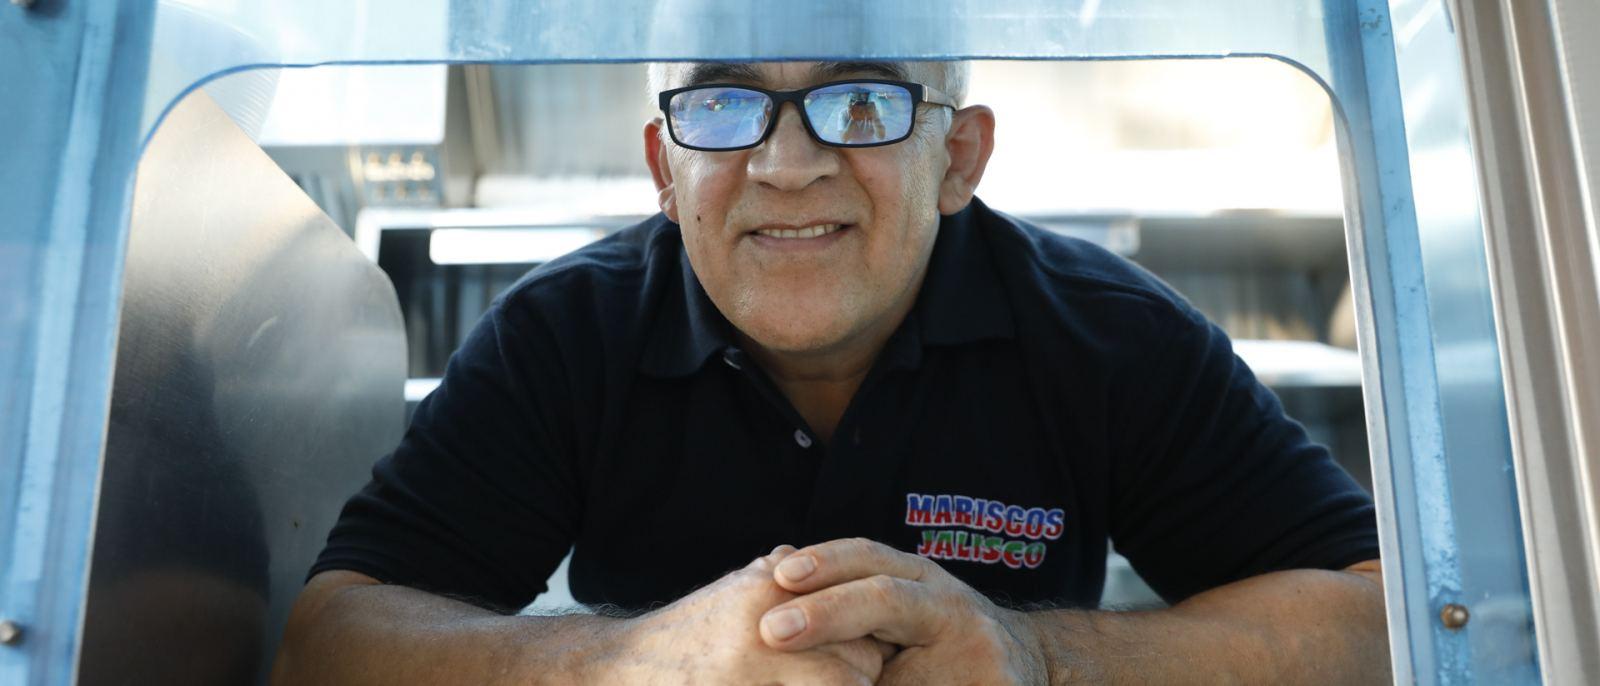 Mariscos Jaliscotruck